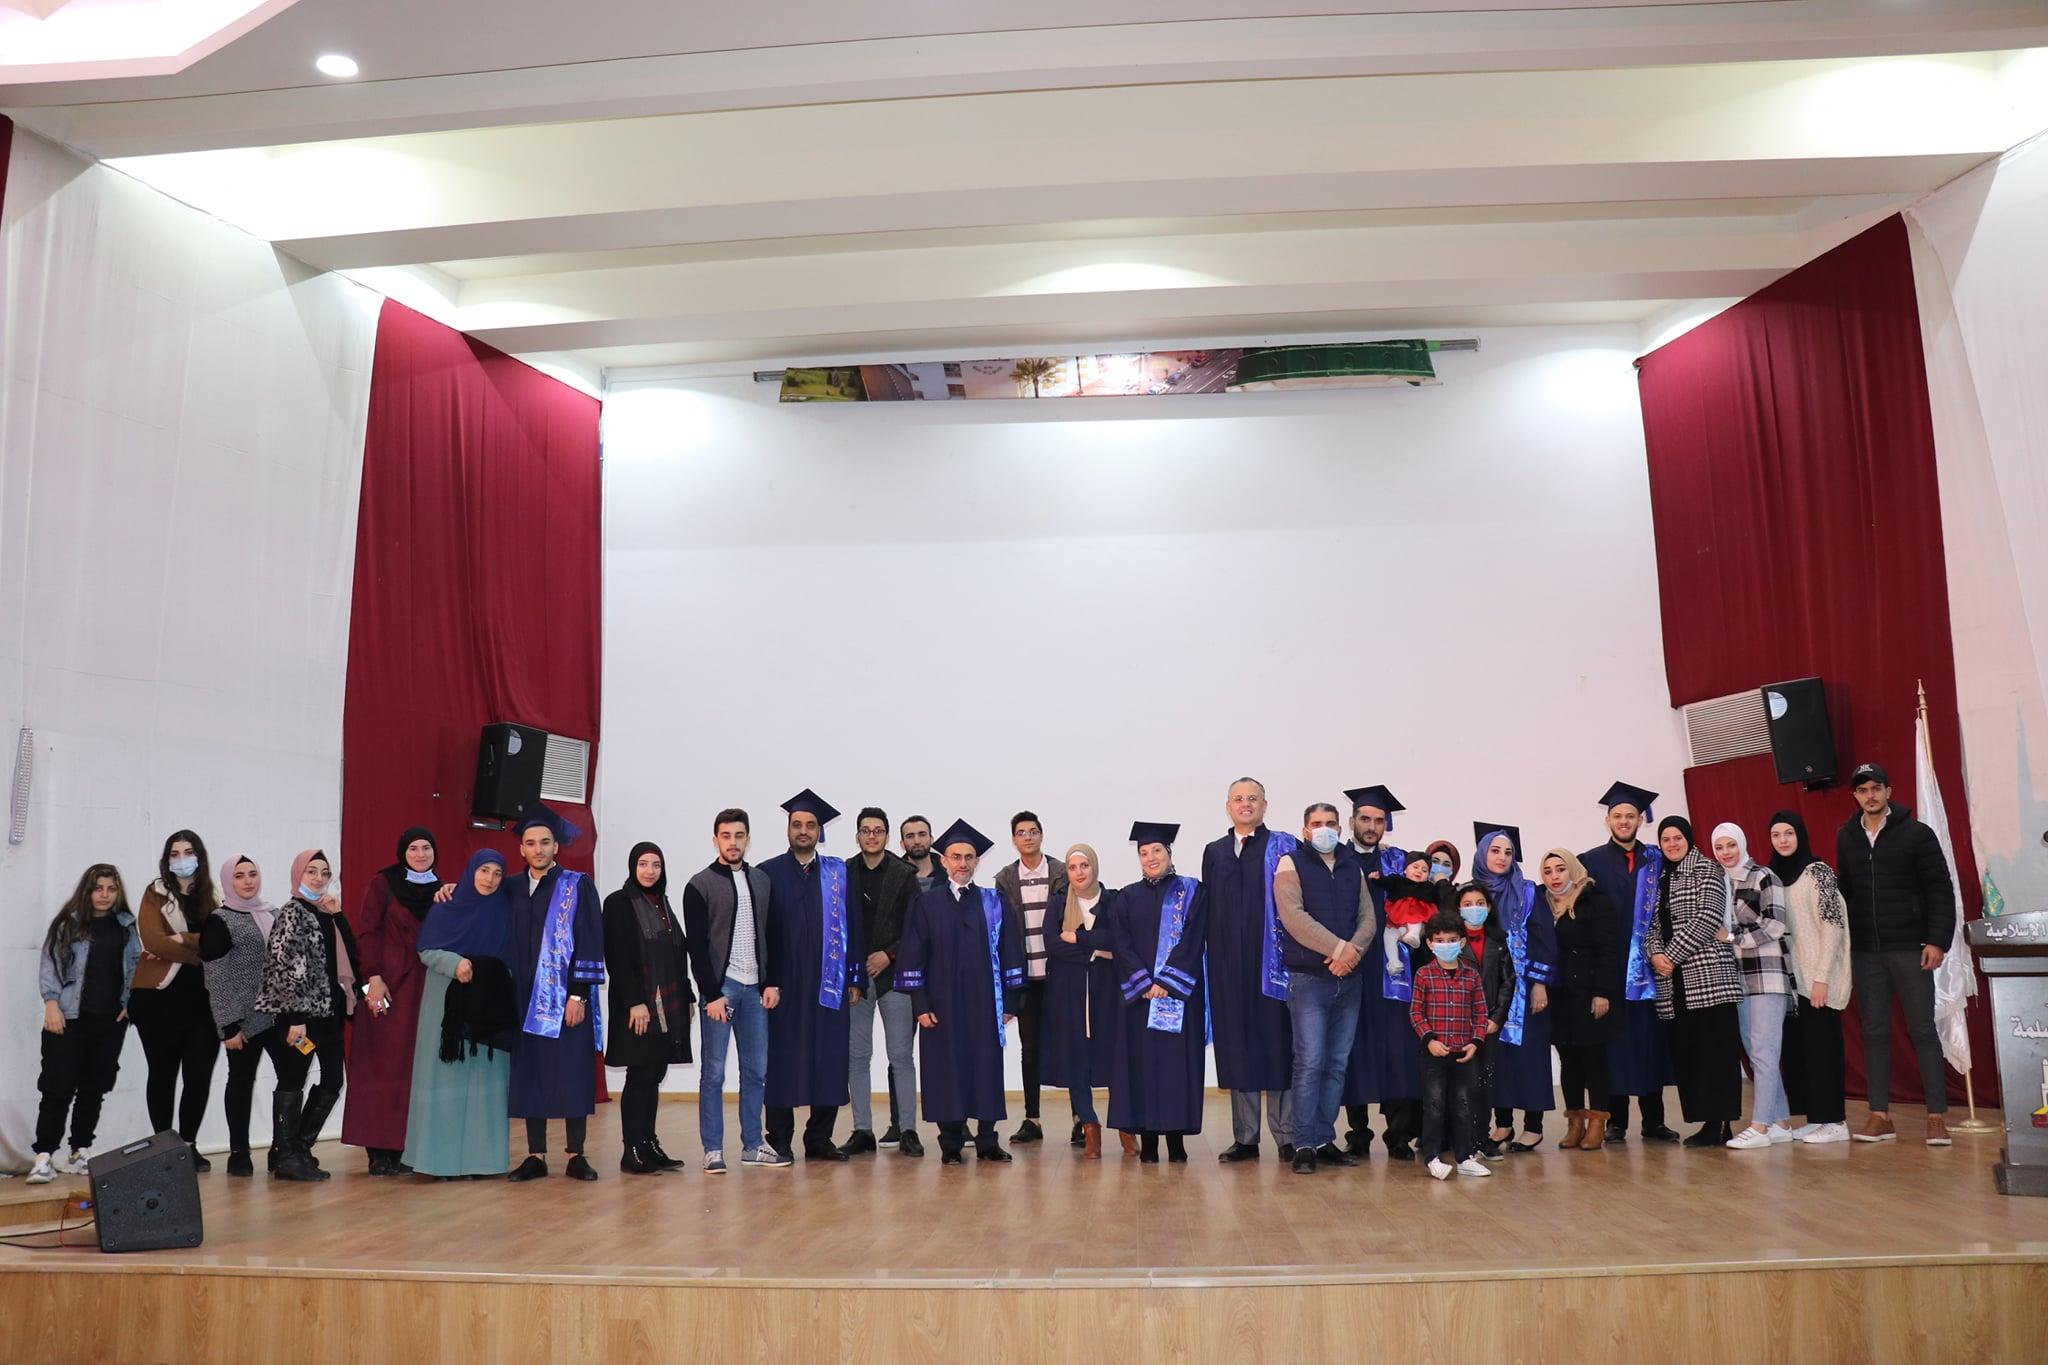 حفل تصويري لخريجي طلاب كلية إدارة الأعمال في جامعة طرابلس (1/7)